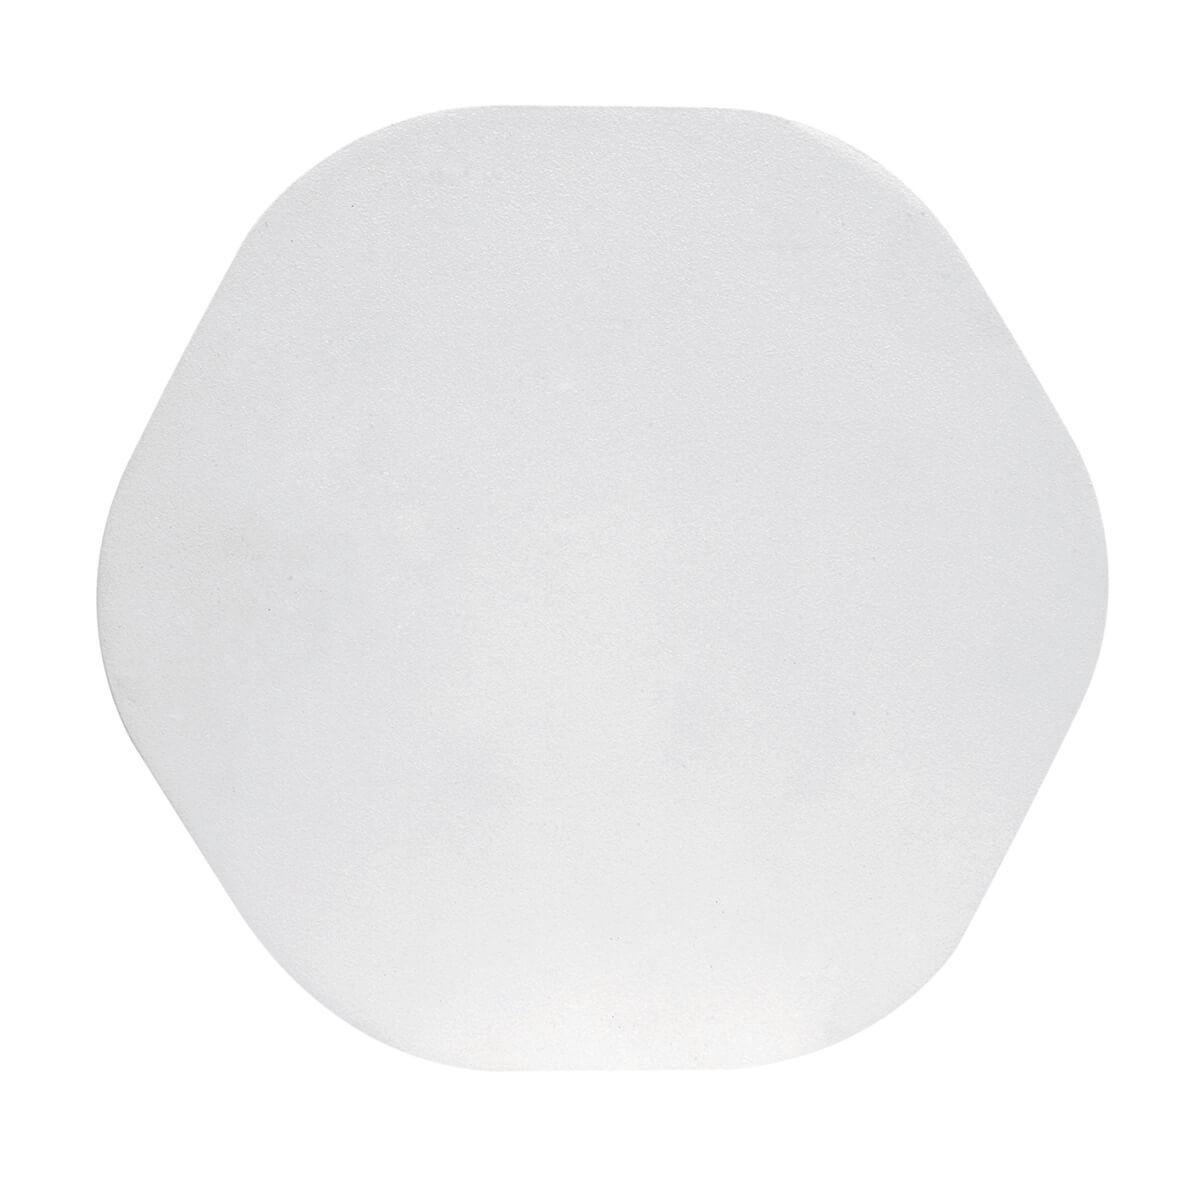 Настенный светильник Mantra Bora Bora C0105 цена